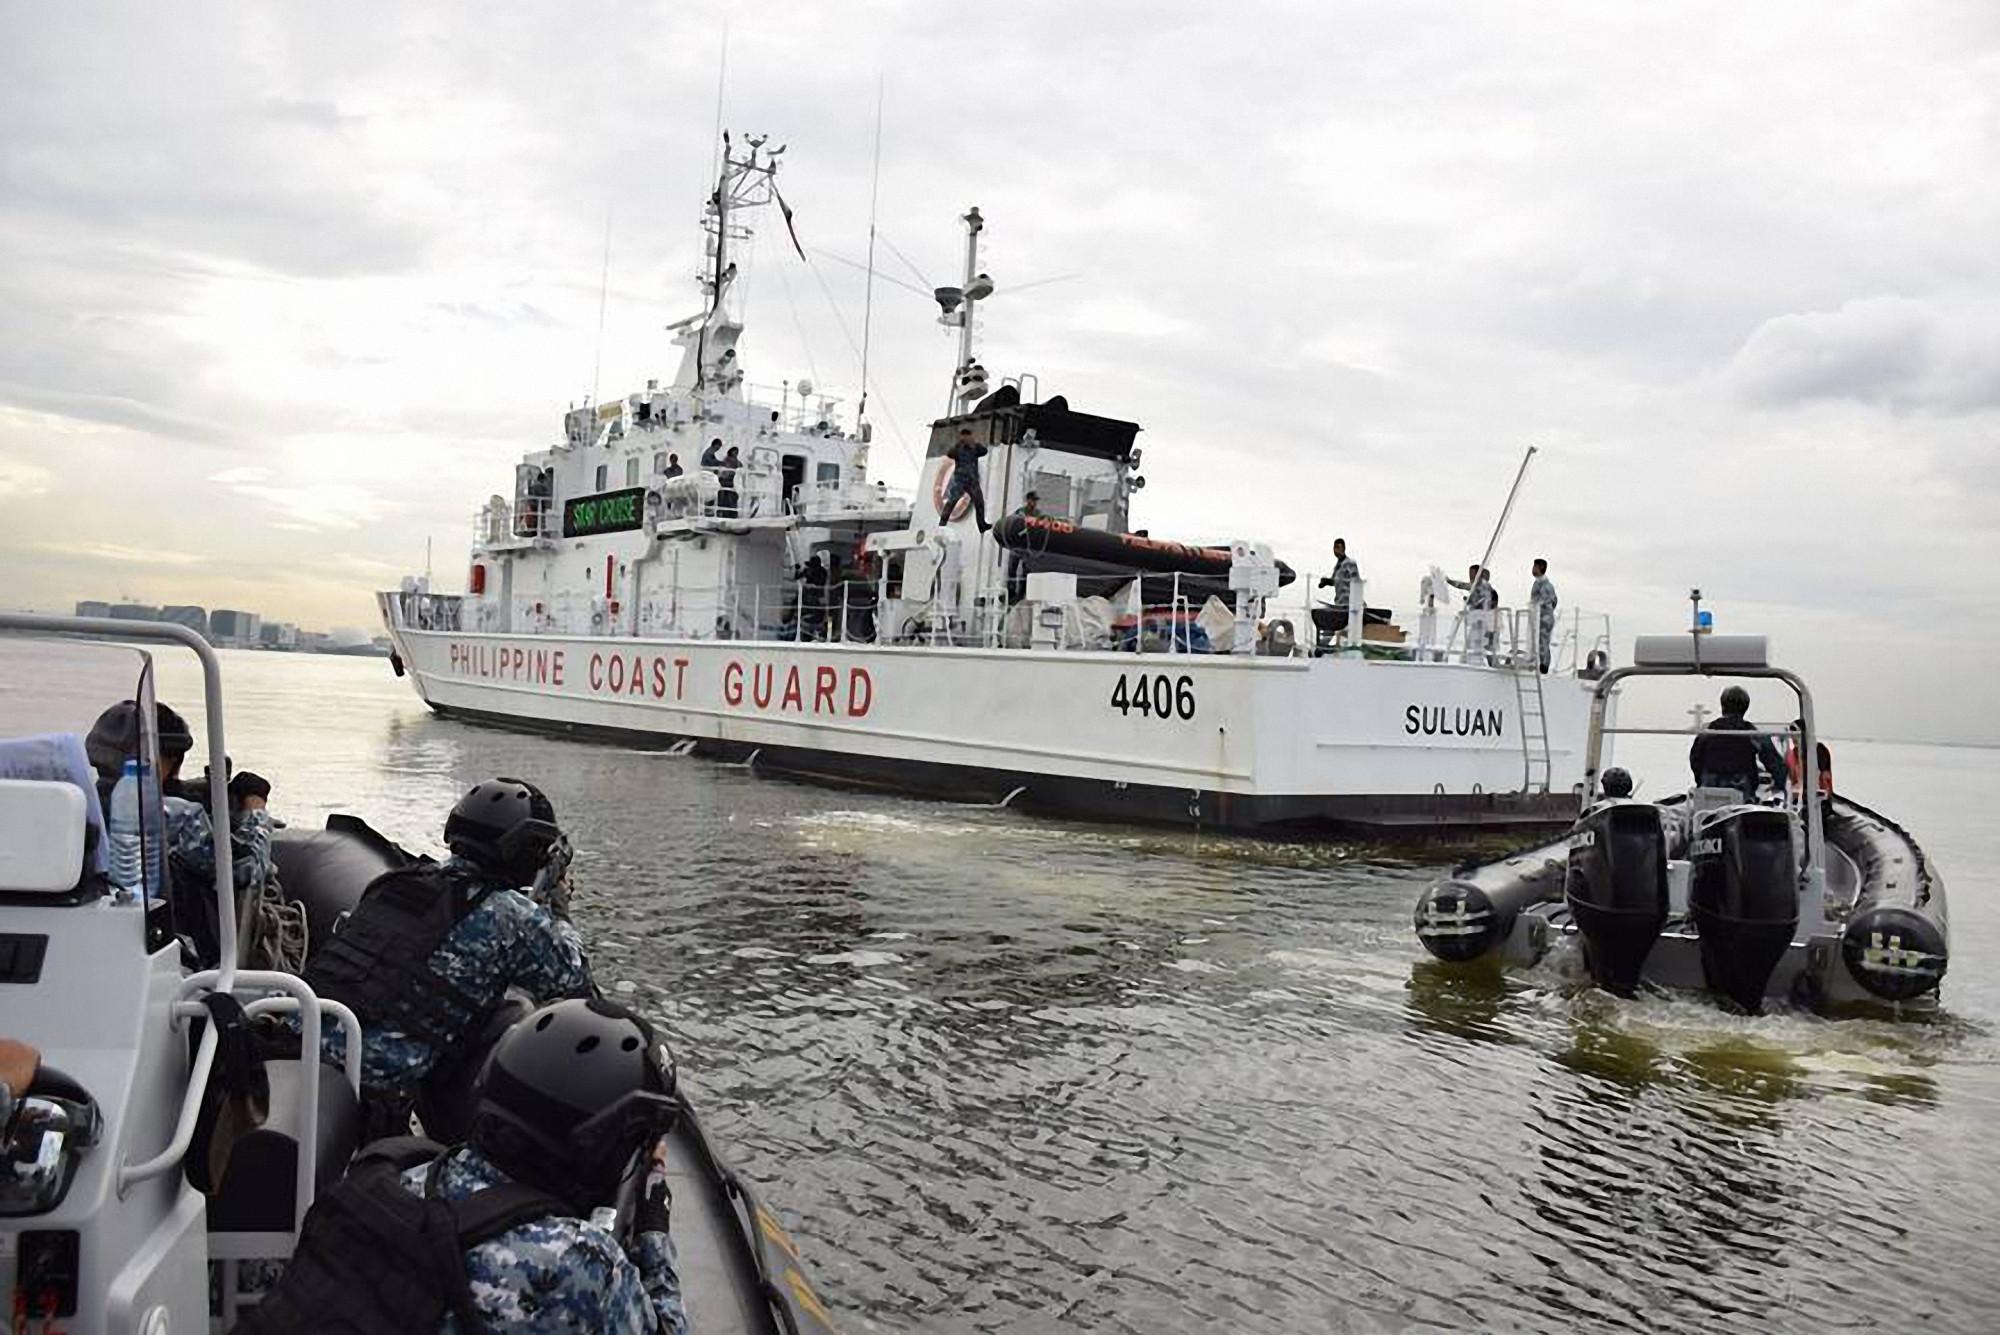 """Những con tàu trắng của Lực lượng Bảo vệ bờ biển Philippines dường như trở thành át chủ bài để Tổng thống Duterte thực hiện chiến lược """"hữu hảo đa phương"""" của mình tại Biển Đông Ảnh: PCG"""